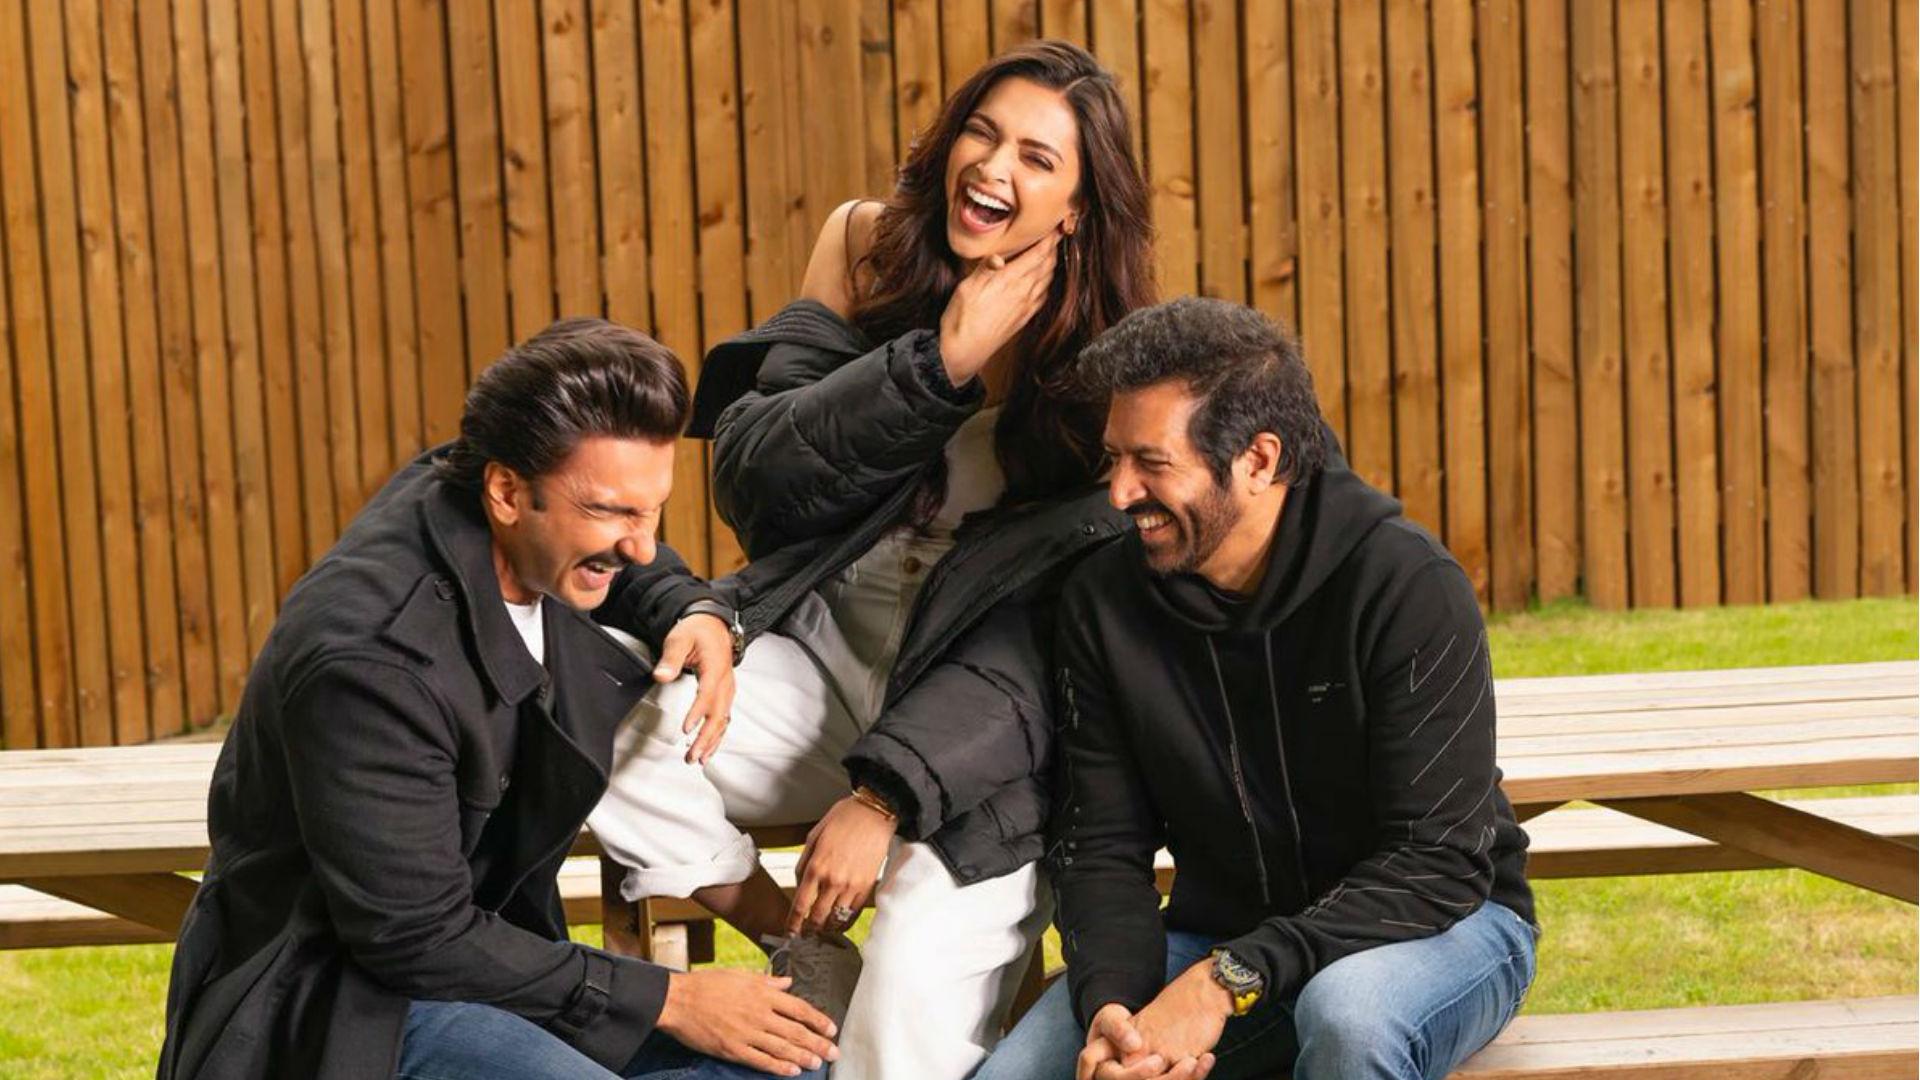 रणवीर सिंह संग दीपिका पादुकोण ने शुरू की फिल्म 83 की शूटिंग, 'बाजीराव' ने शेयर किया 3 सेकेंड का वीडियो